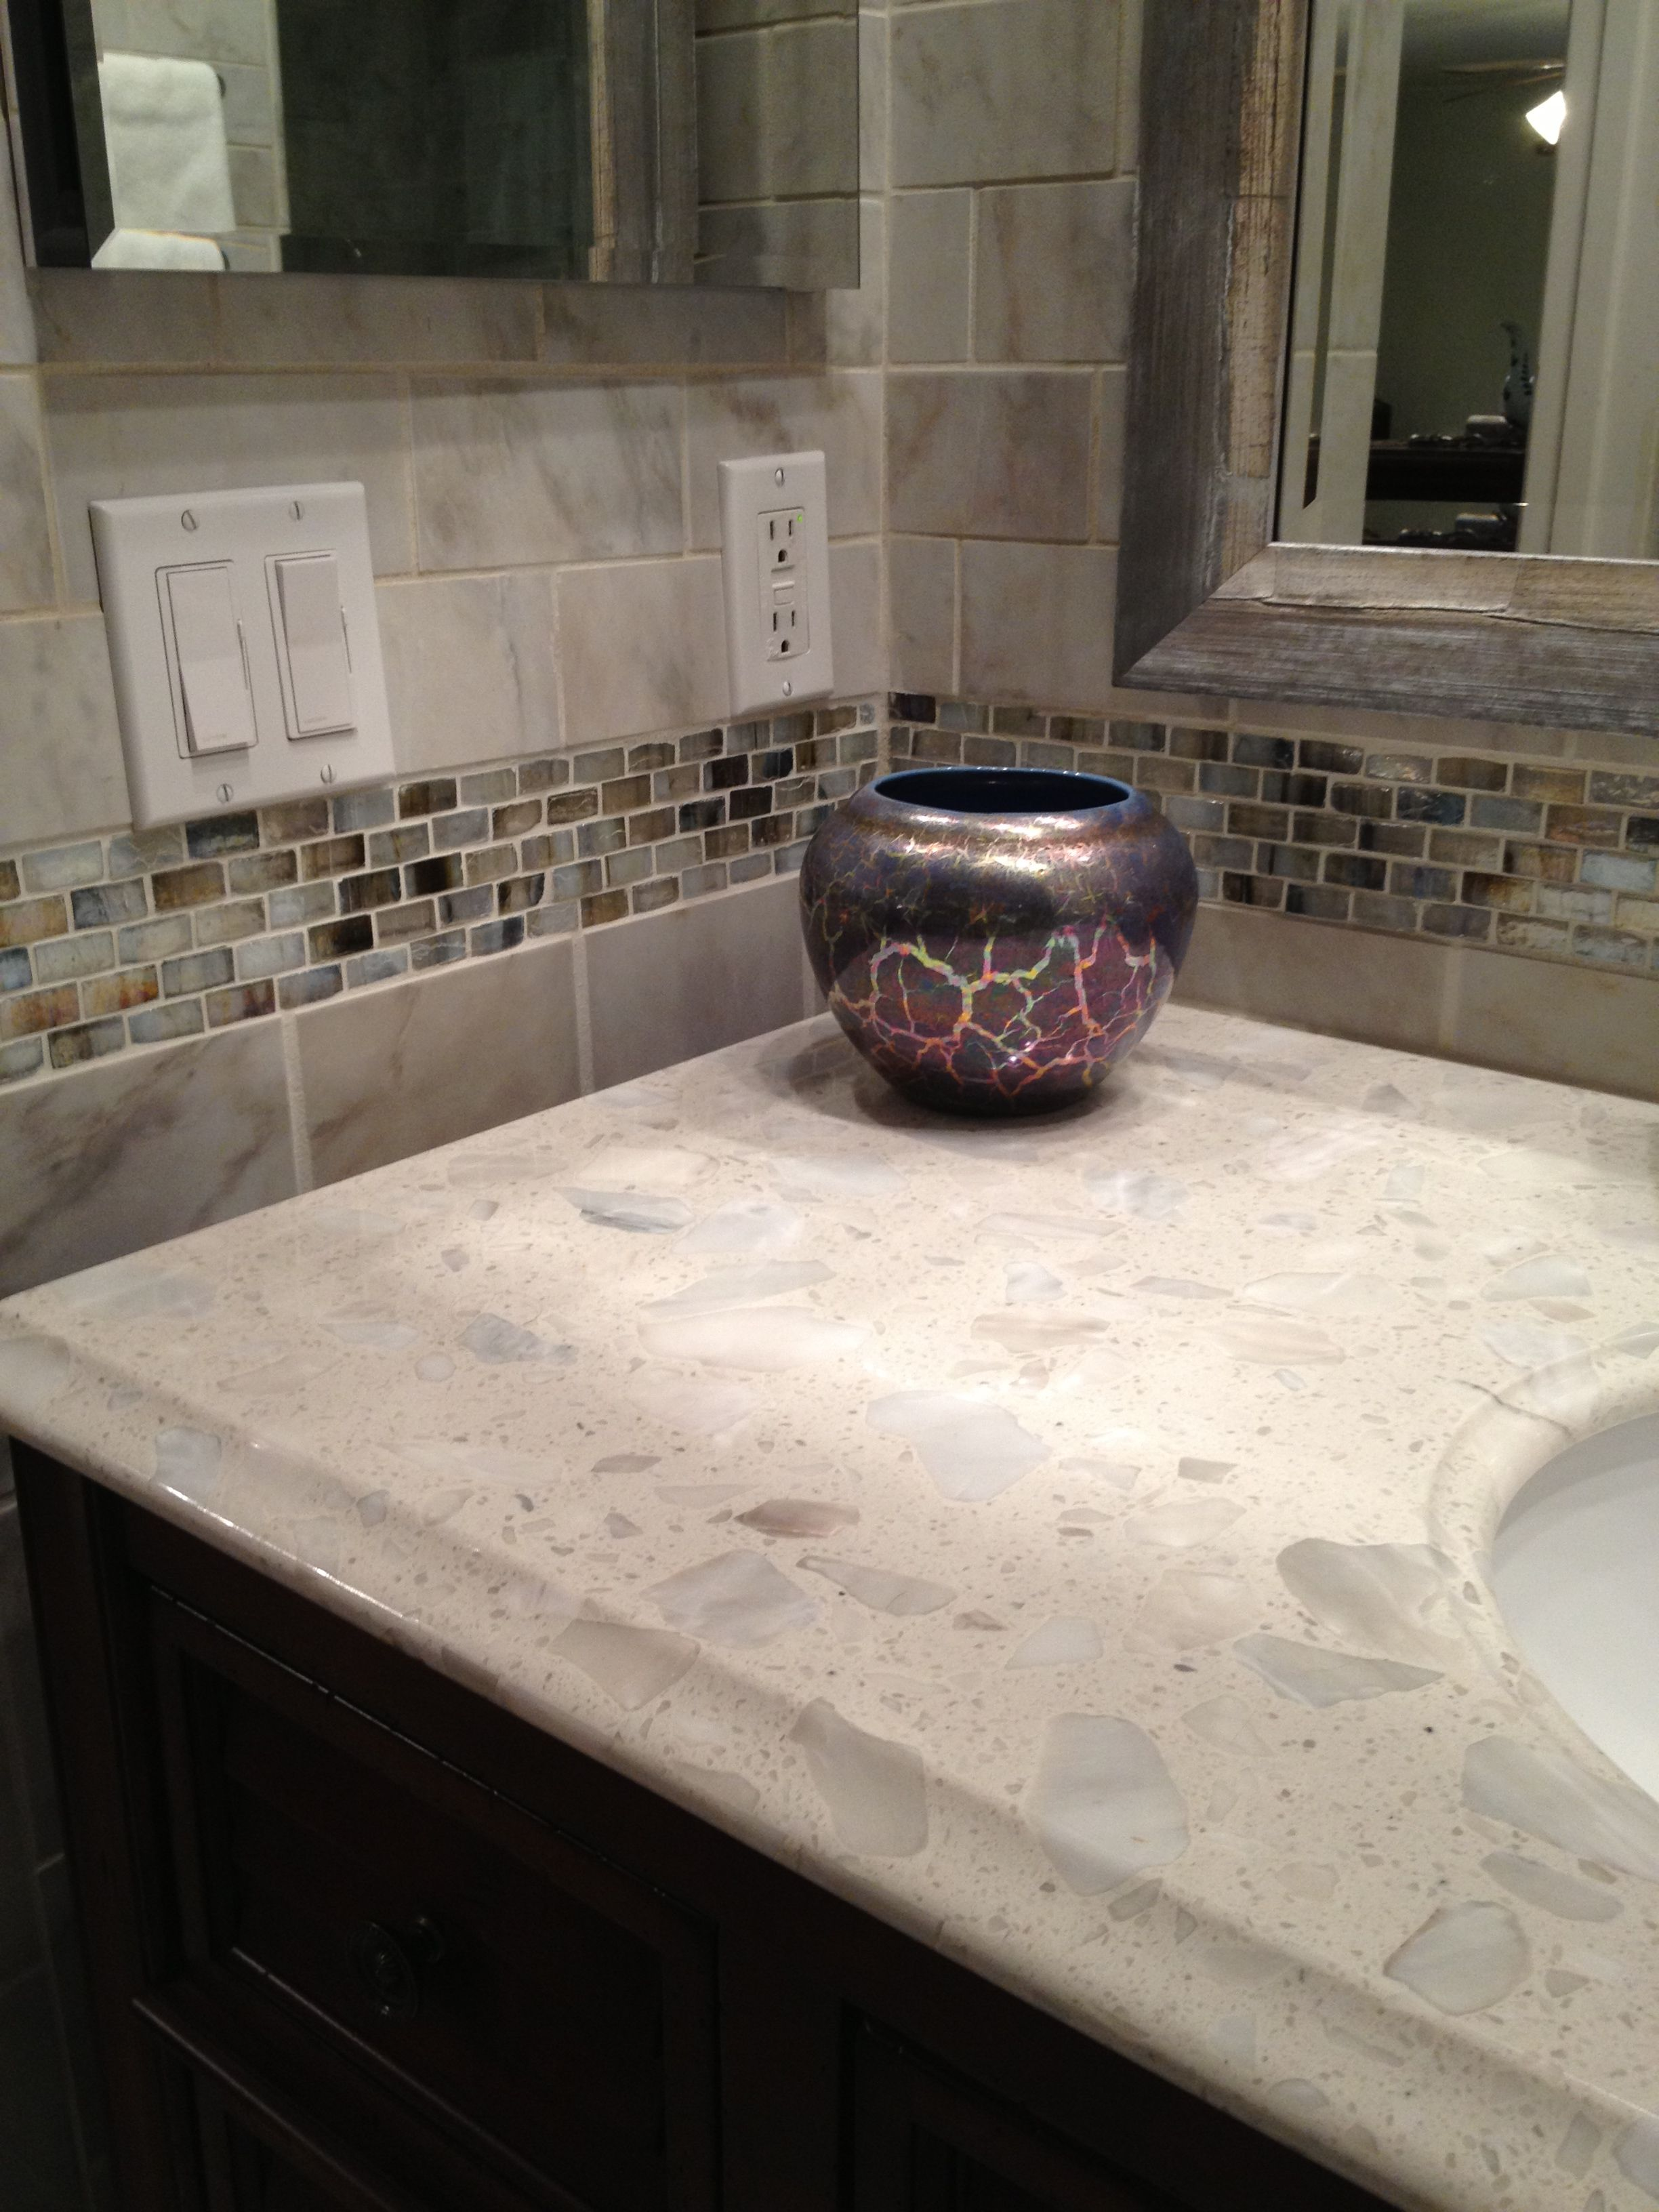 Pretty Glass Tiles For My Backsplash In My Bathroom Small